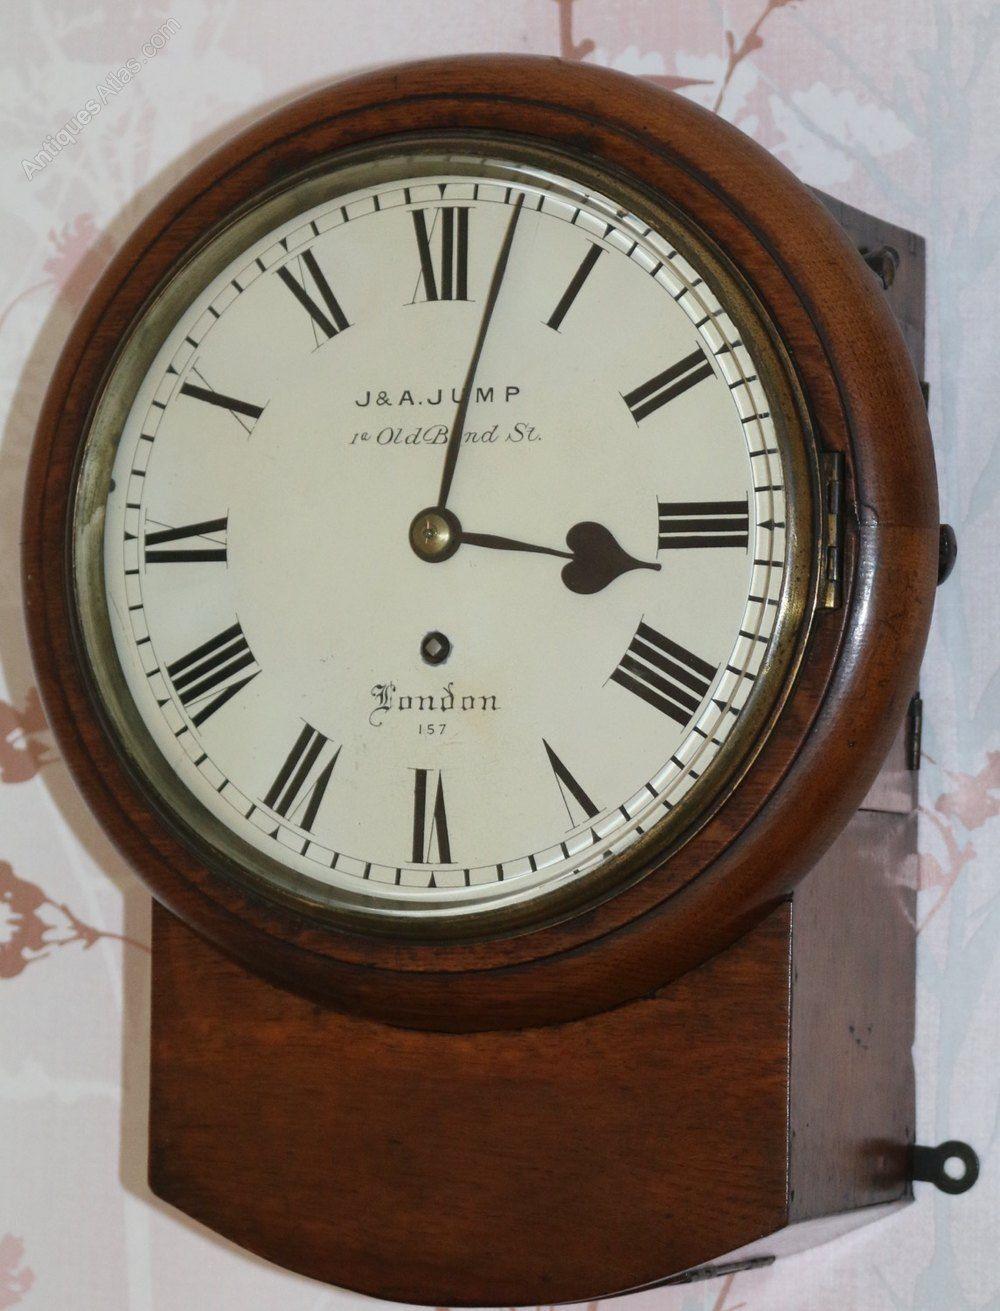 Antiques Atlas J A Jump 8 Inch Drop Dial Wall Regulator Clock Antique Wall Clocks Clock Vintage Alarm Clocks